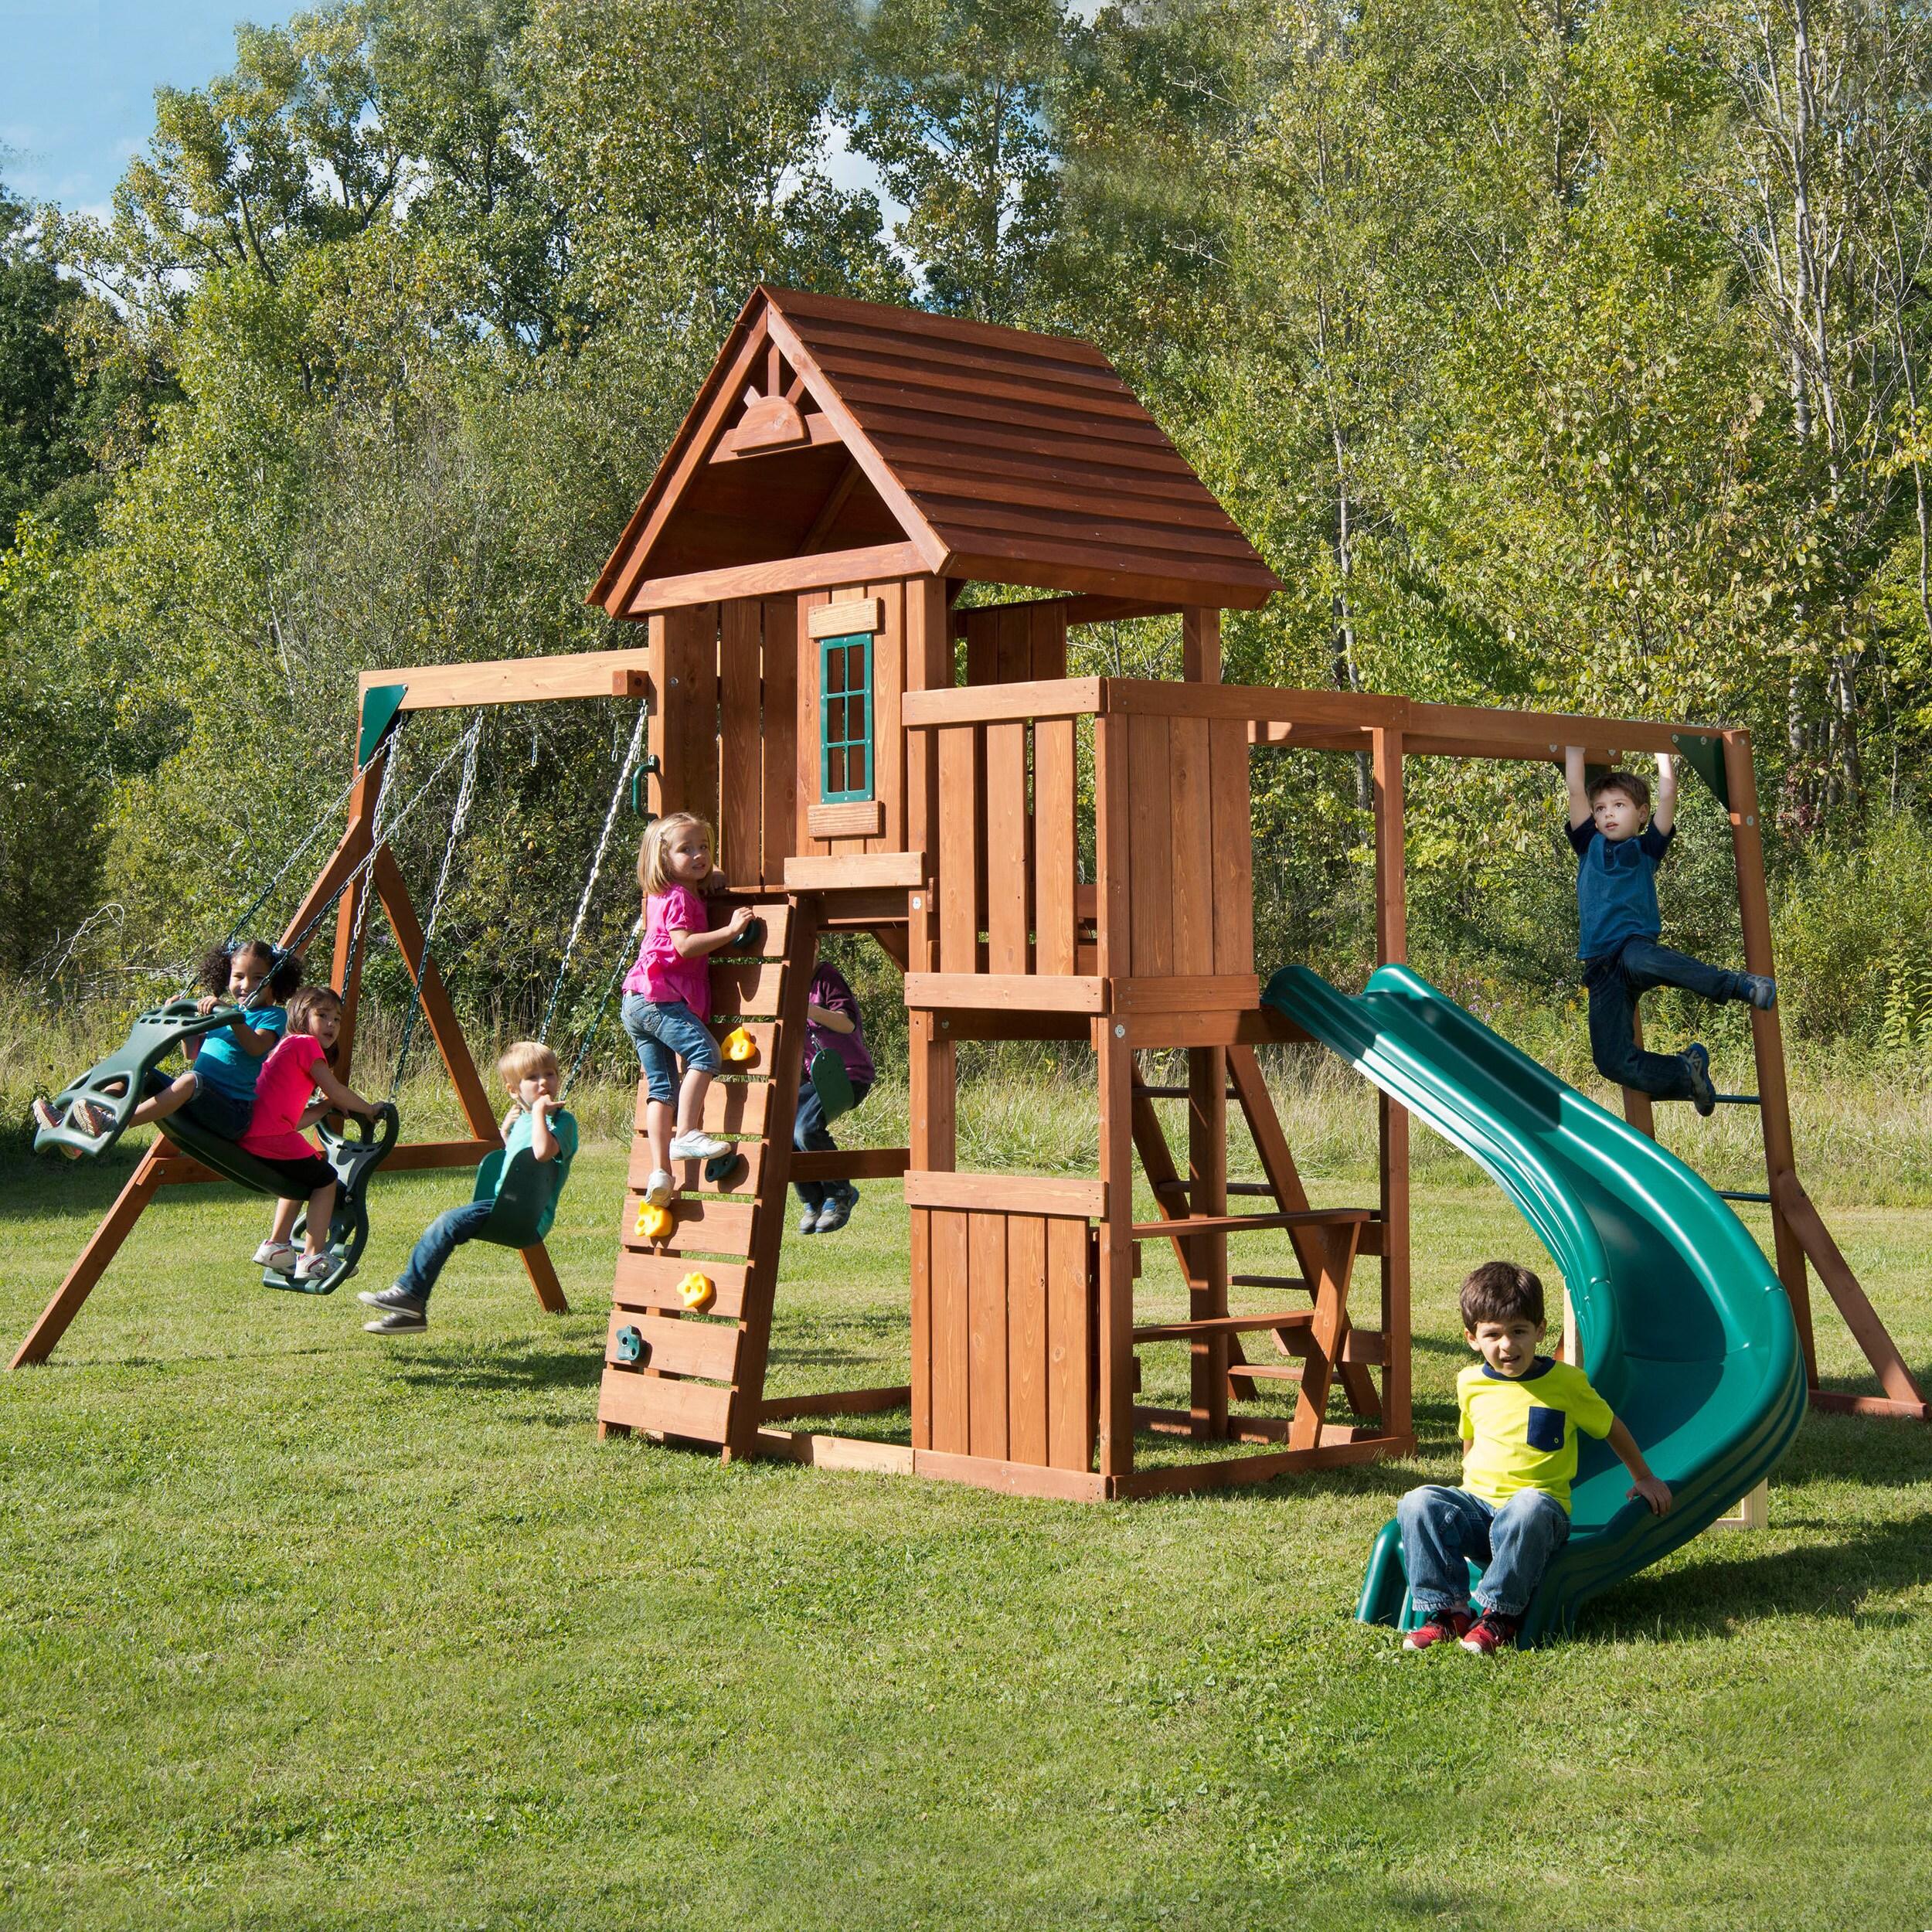 Swing-N-Slide Cedarbrook Play Set (Wooden Play Set), Brown